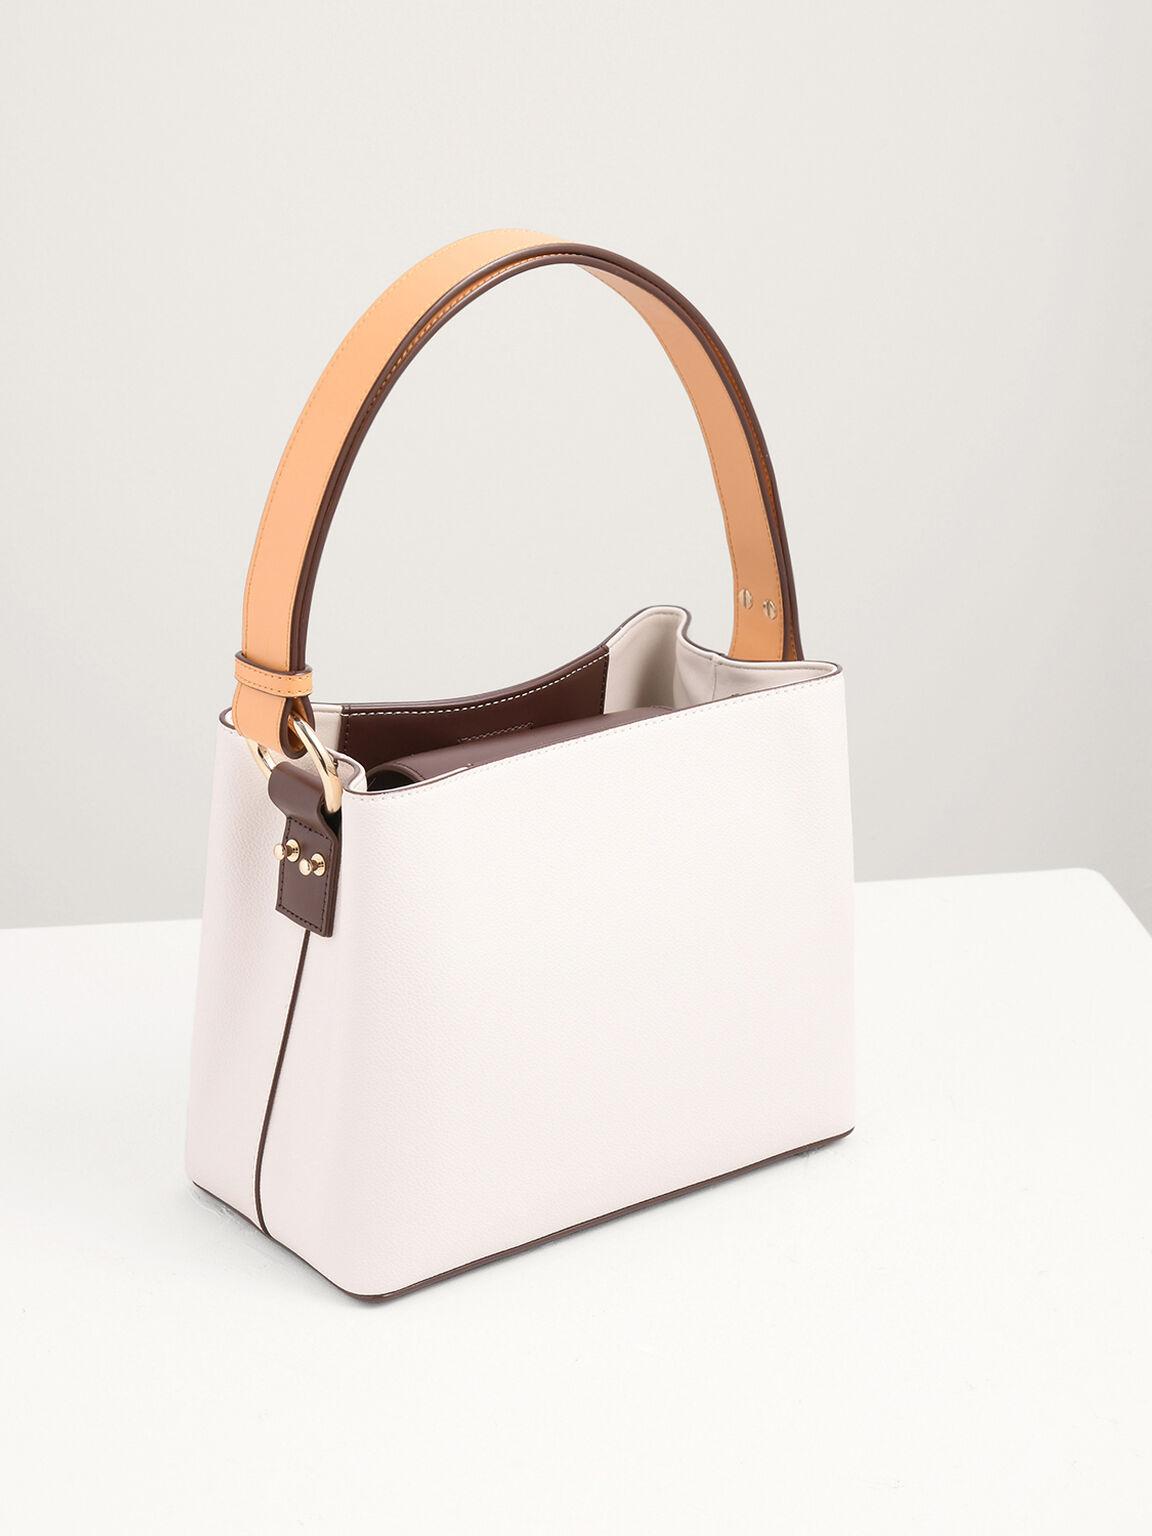 Duo-Carry Top Handle Bag, Multi, hi-res